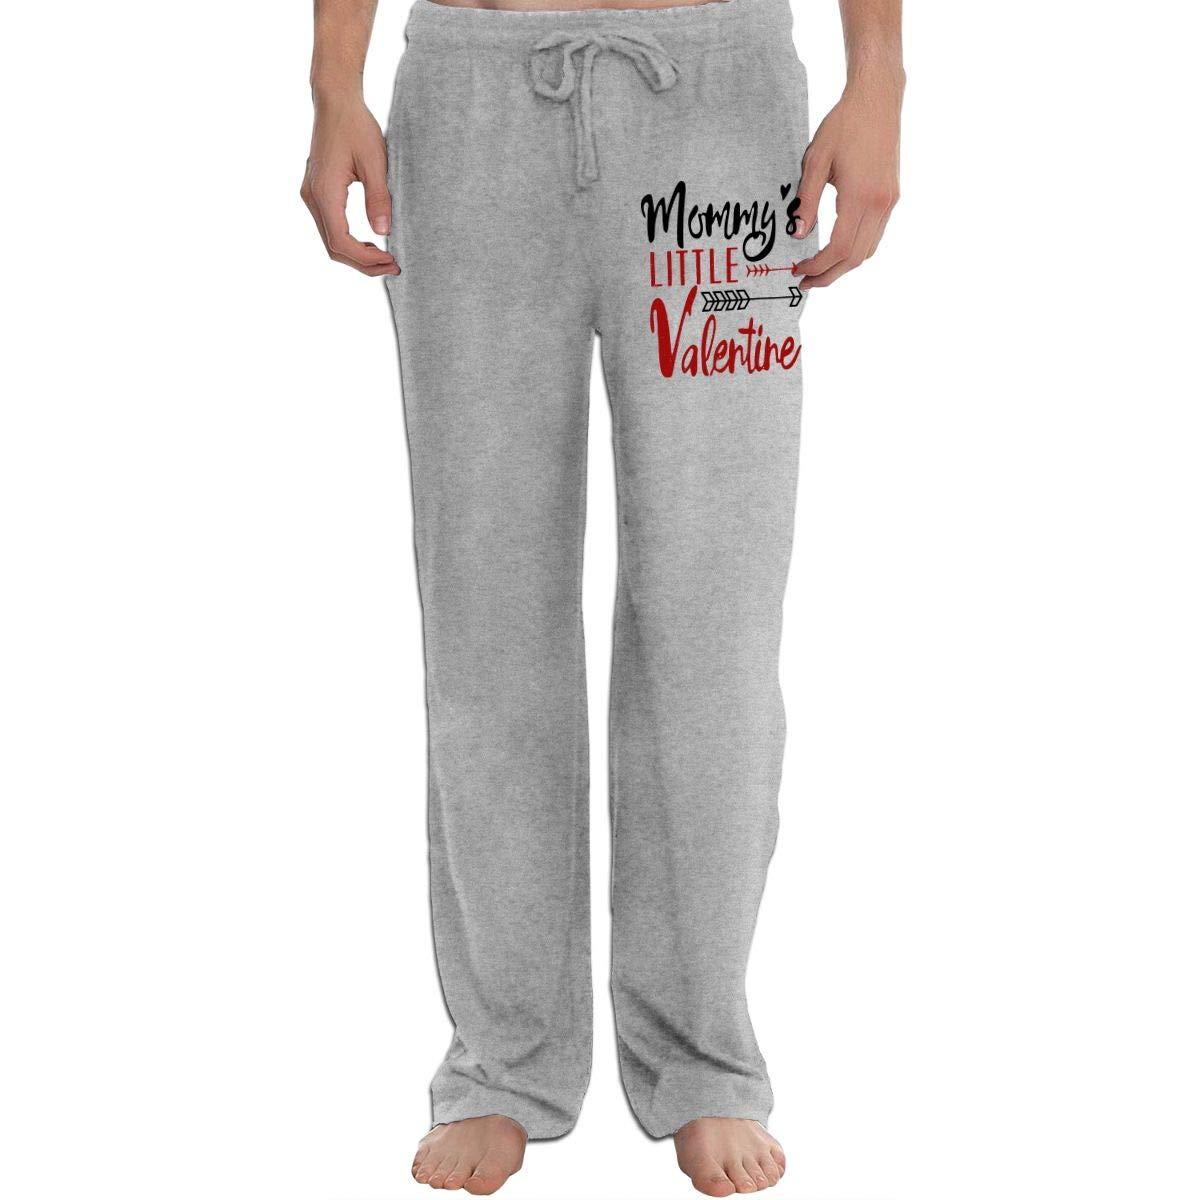 KWZ44 Cotton Jersey Knit Pajama Pants//Lounge Pants Mommys Little Valentine